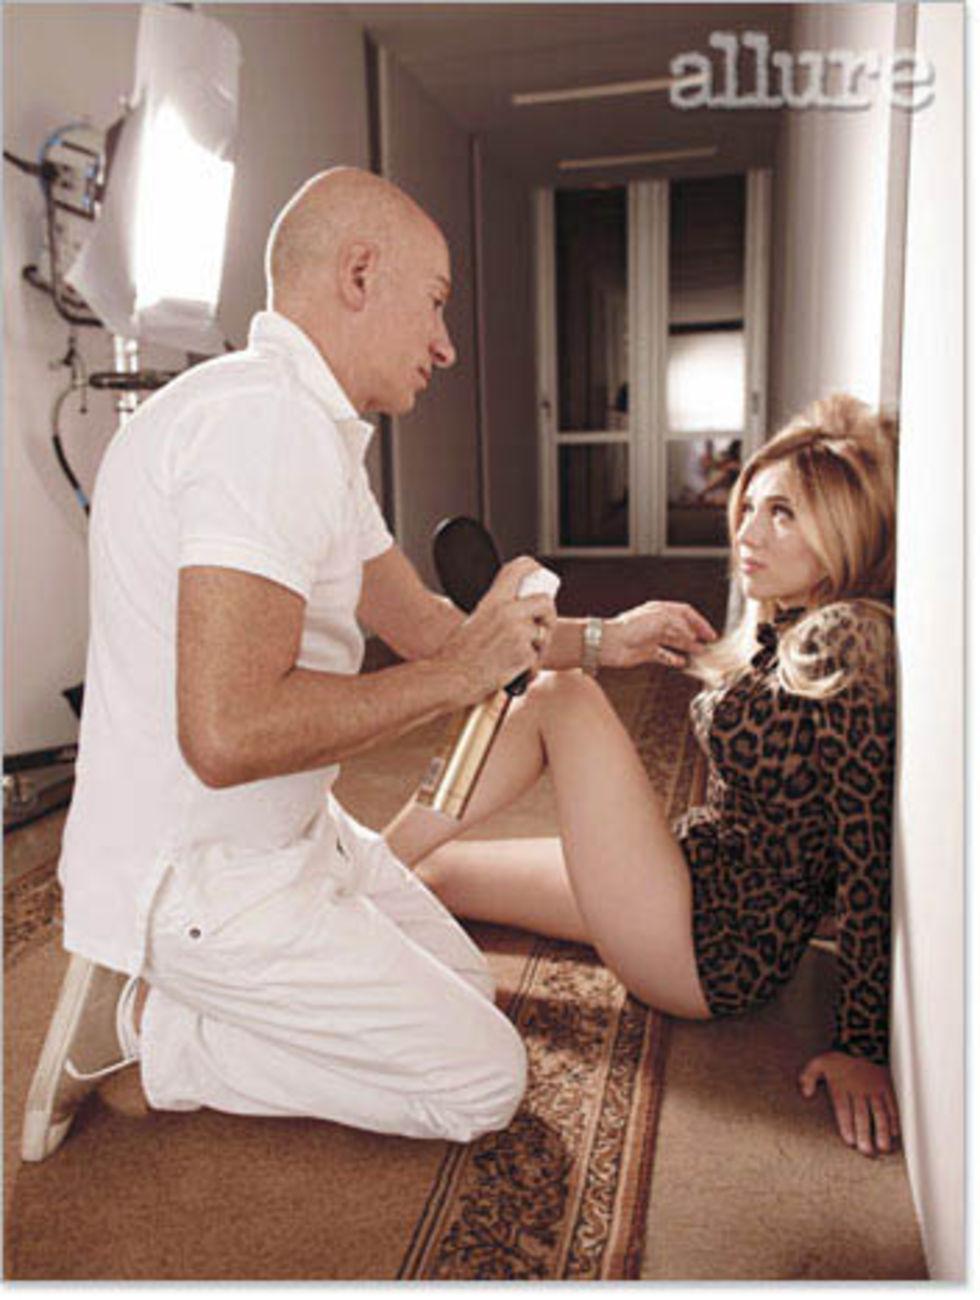 scarlett-johansson-allure-magazine-cover-december-2008-lq-01